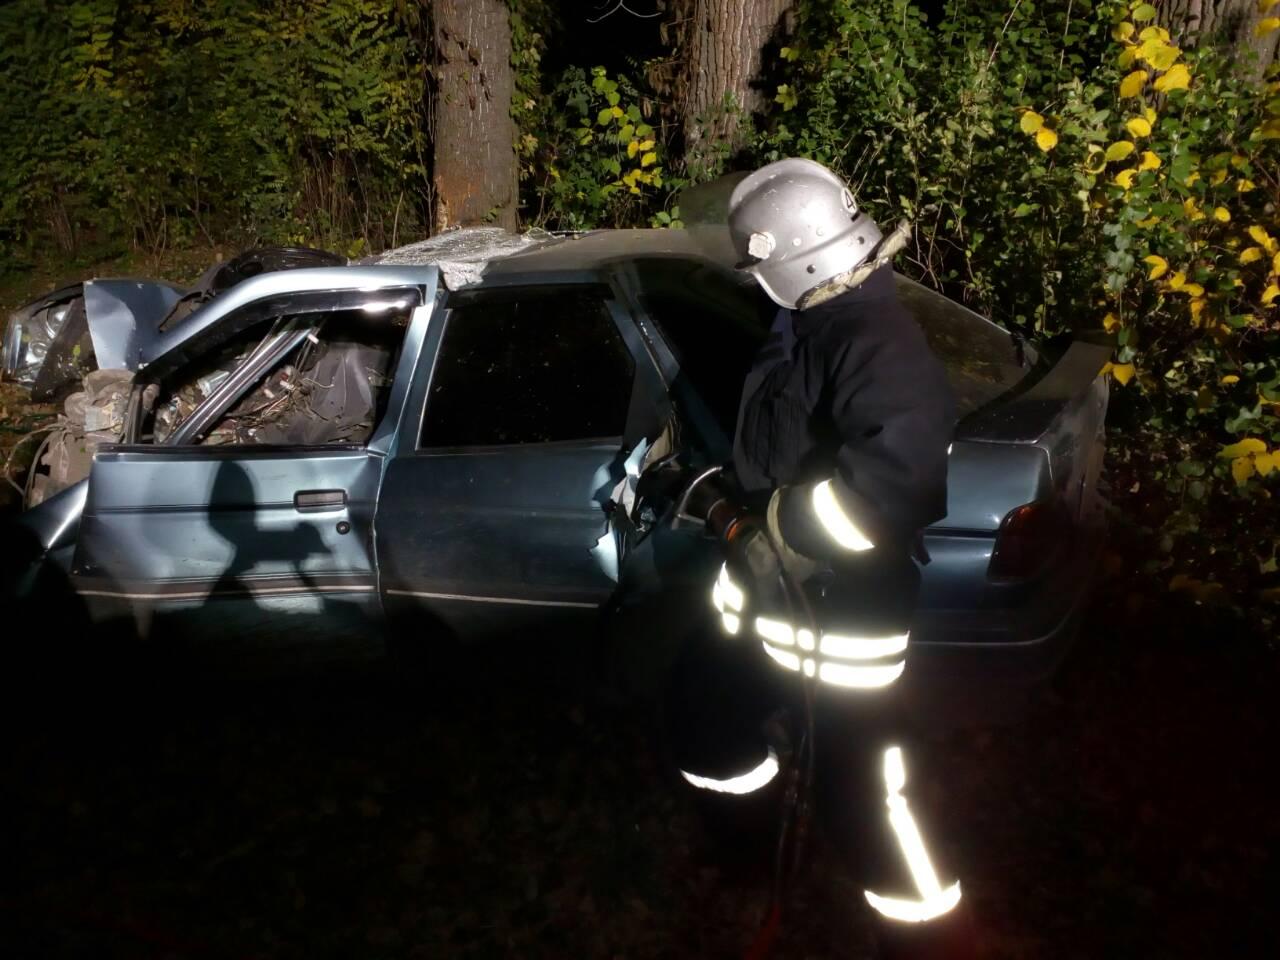 Смертельна аварія: чоловік не впорався з керуванням і влетів у дерево. ФОТО - 1 - За кермом - Без Купюр